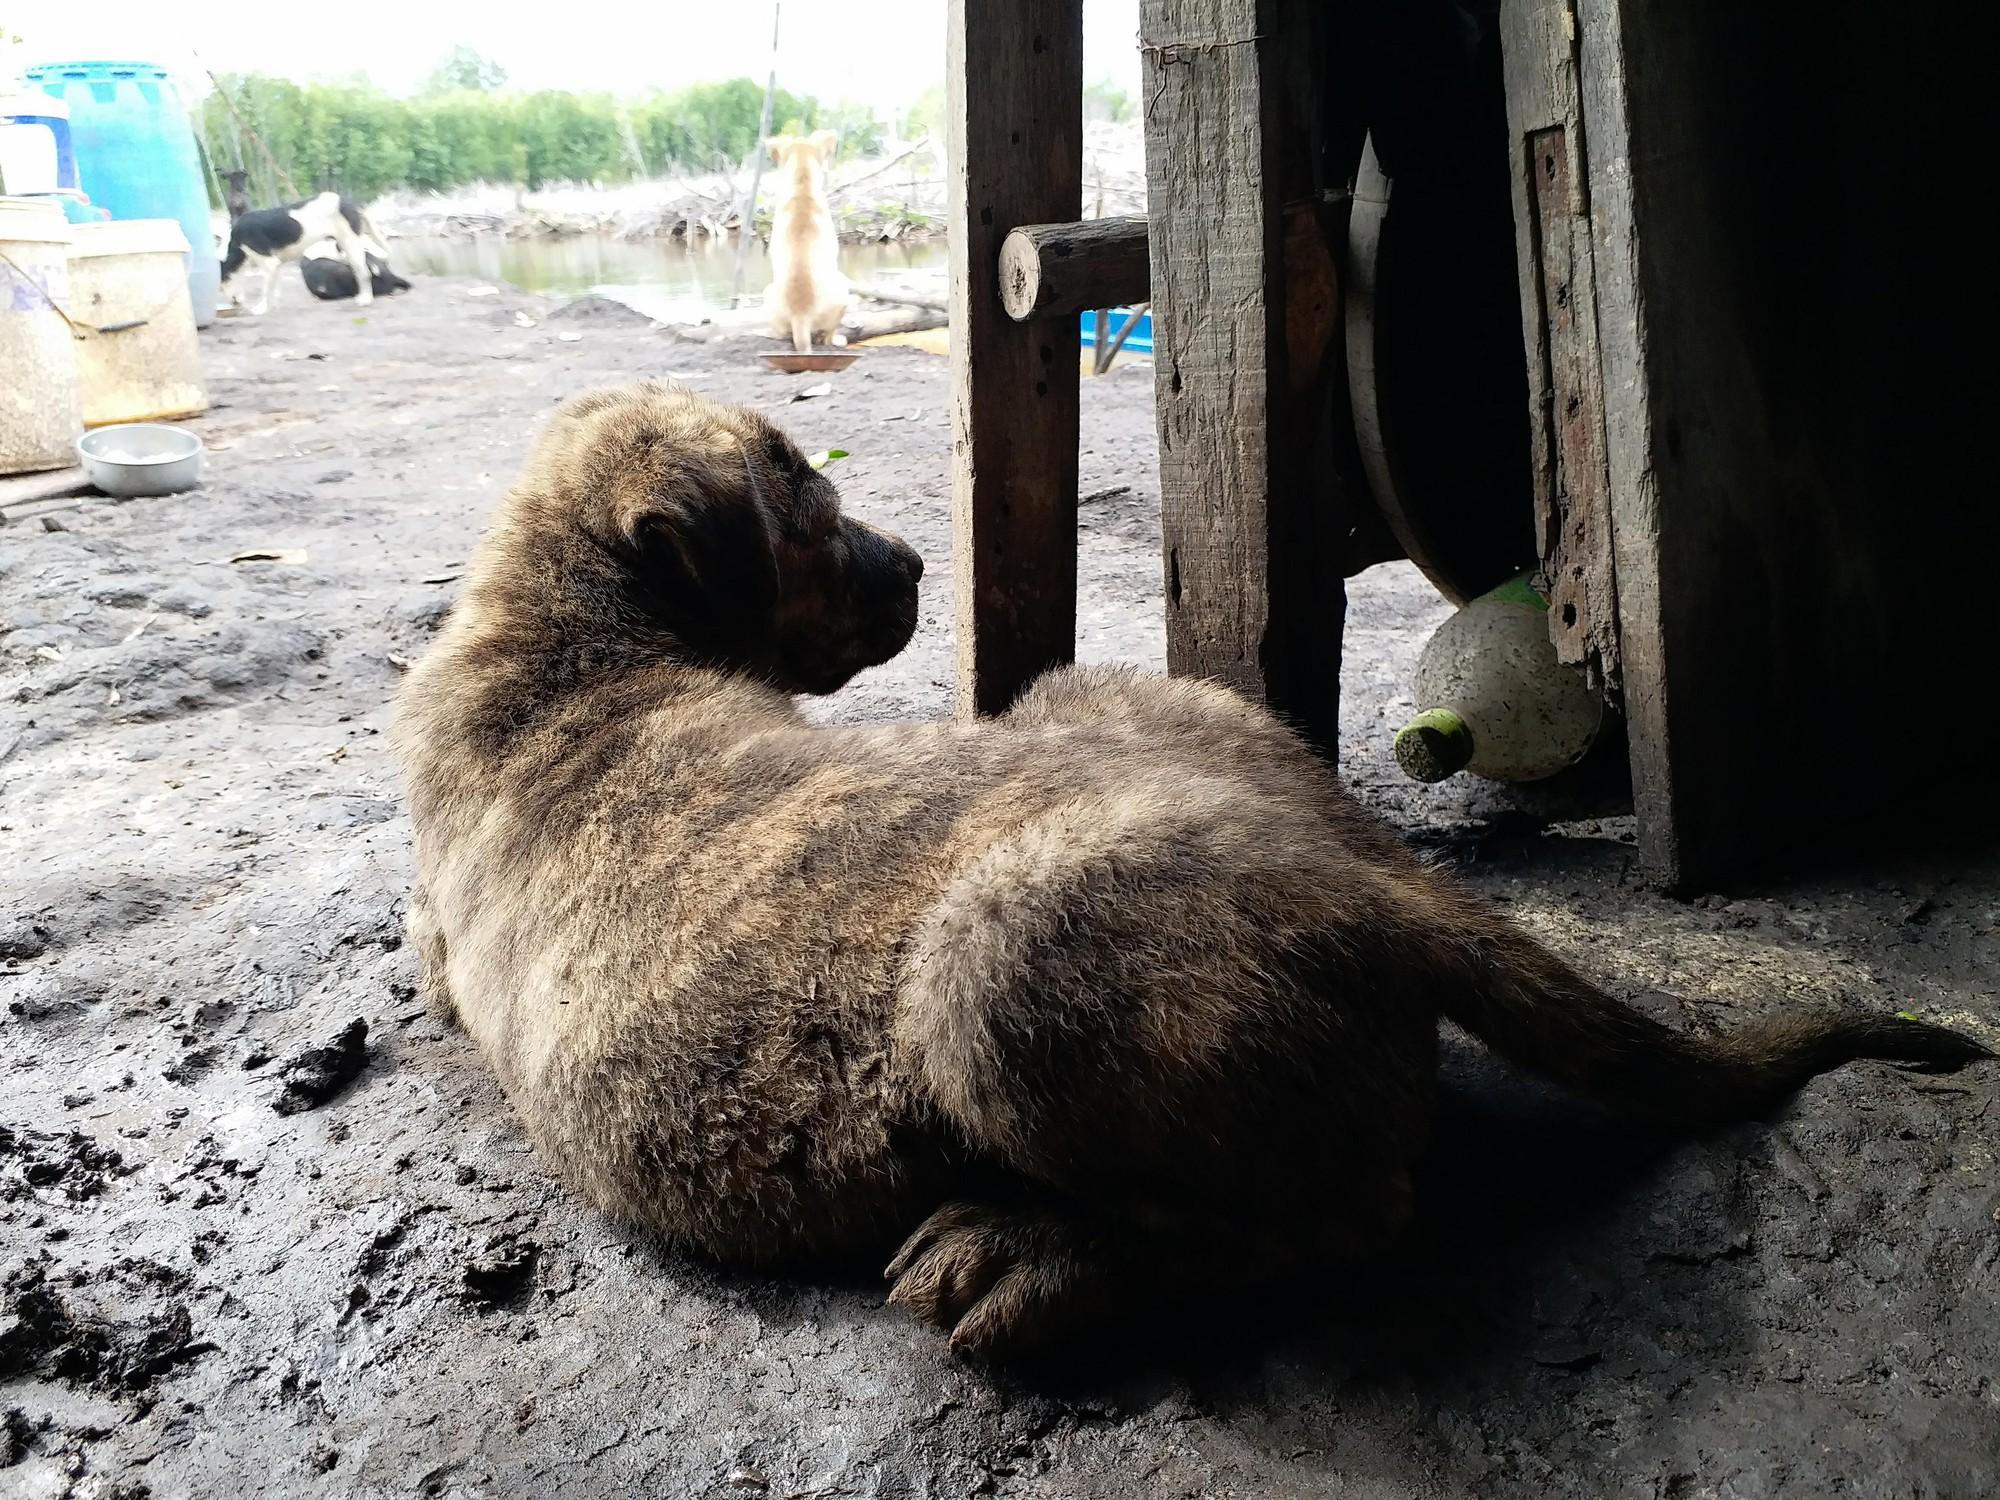 Chuyện boss ngoan: Chú chó nhỏ giữa trưa nắng lặn lội đi kiếm bữa trưa về vì sợ chủ đói - Ảnh 3.